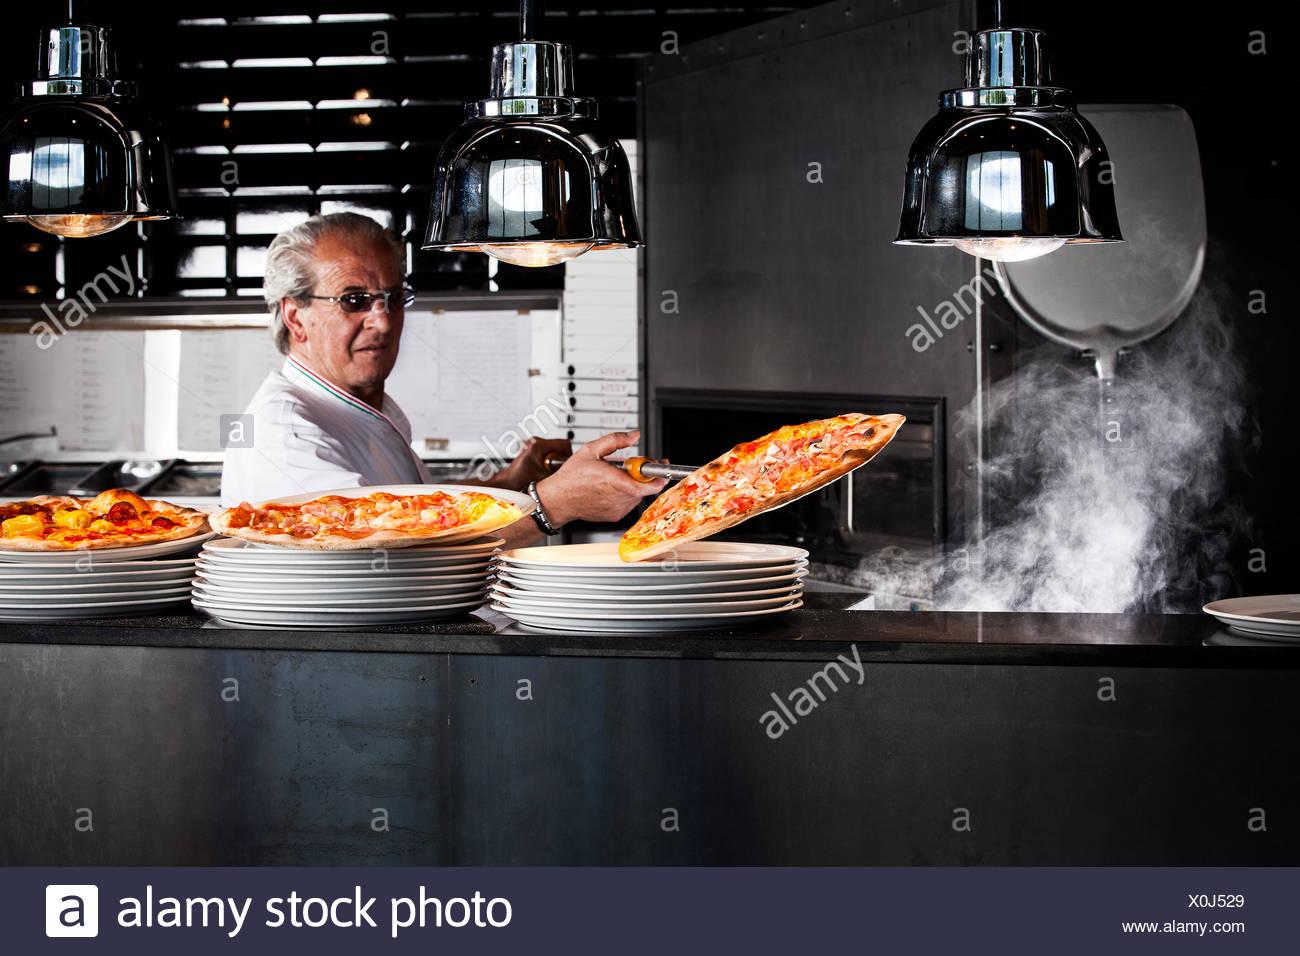 La prise de Baker Pizza pizza fini de sortir du four avec une pelle à pizza Banque D'Images